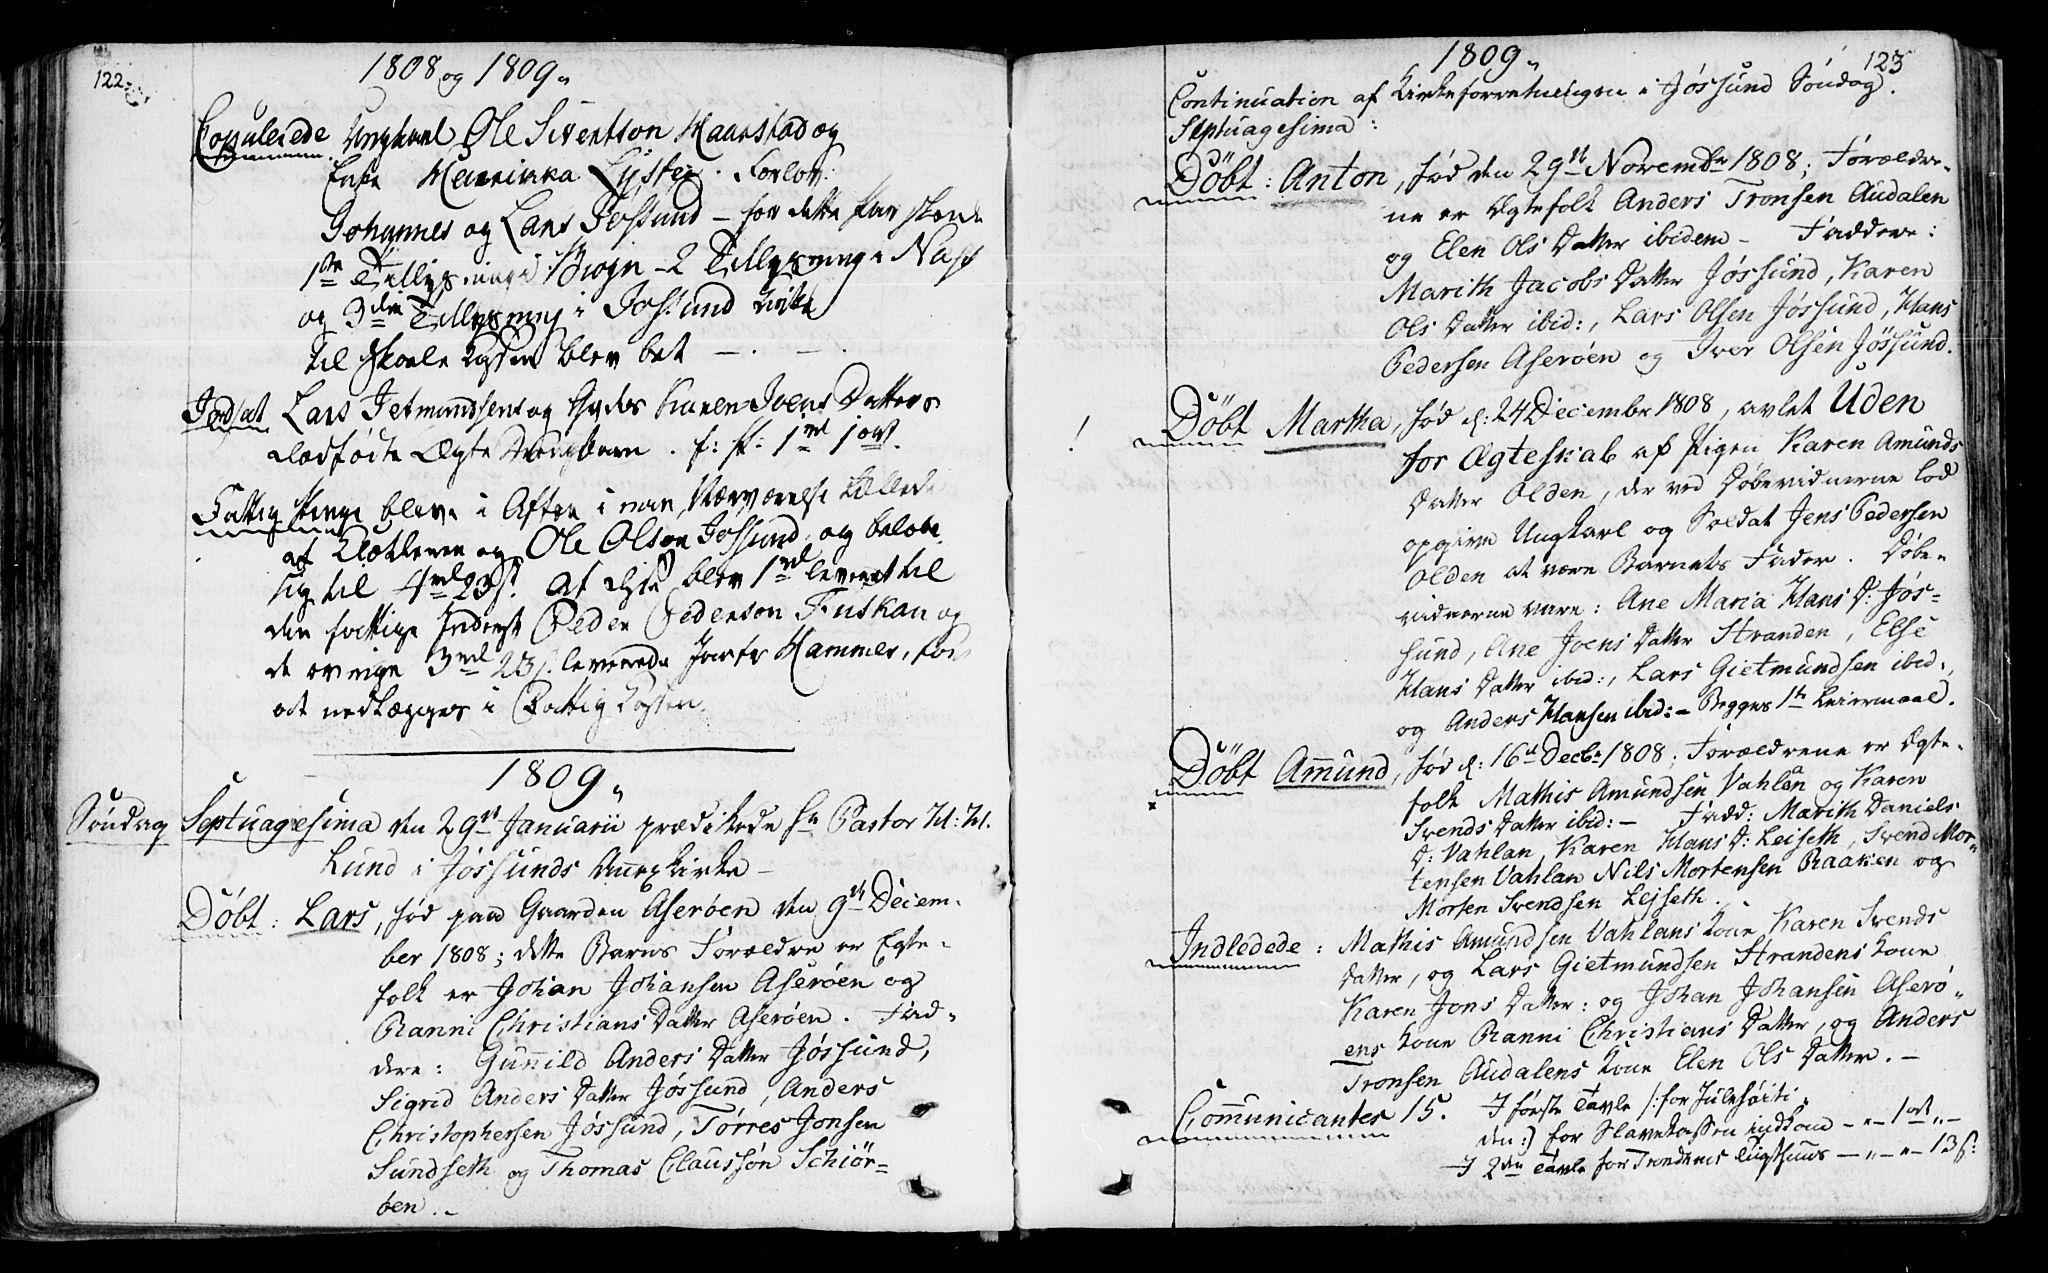 SAT, Ministerialprotokoller, klokkerbøker og fødselsregistre - Sør-Trøndelag, 655/L0674: Ministerialbok nr. 655A03, 1802-1826, s. 122-123